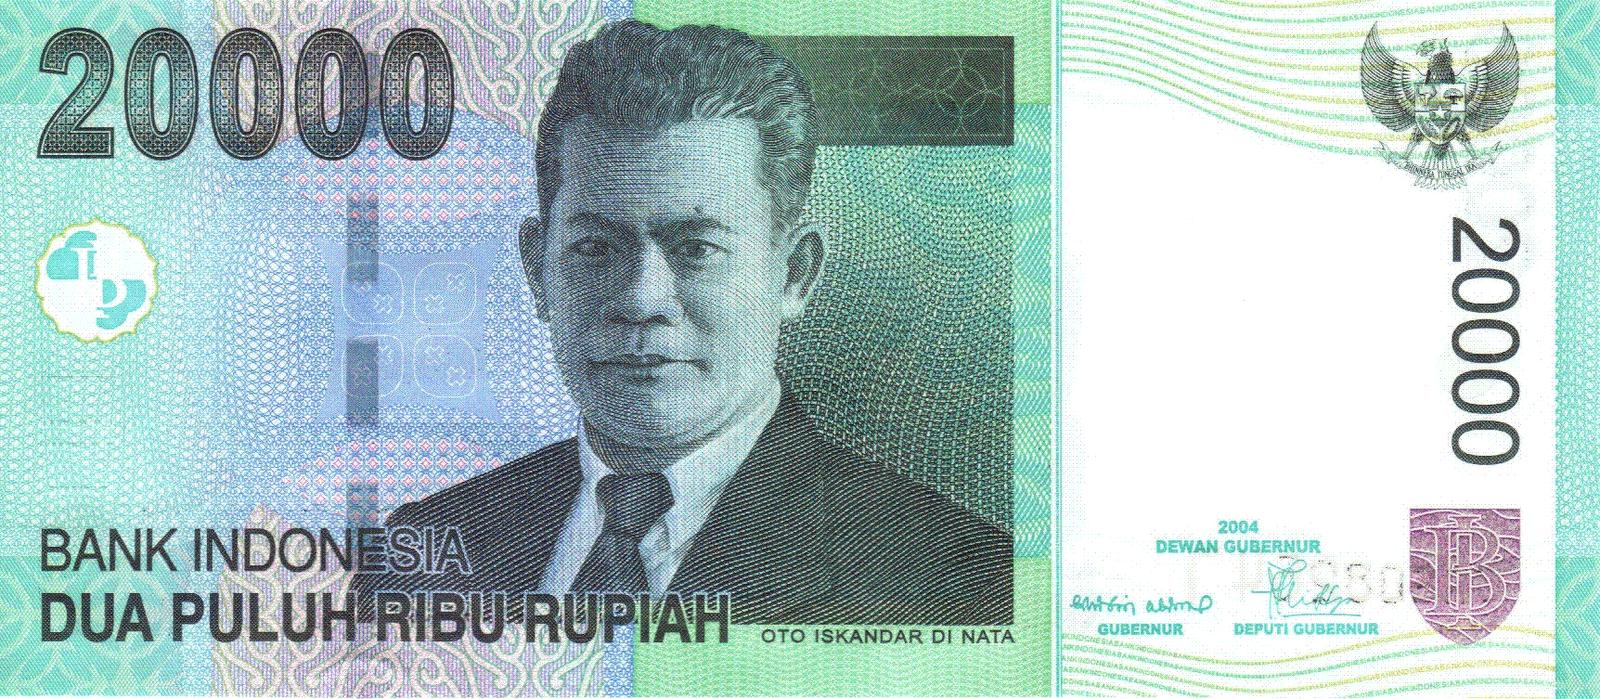 Rp.20000 - Tahun 2004 ~ Galeri Uang Rupiah Indonesia